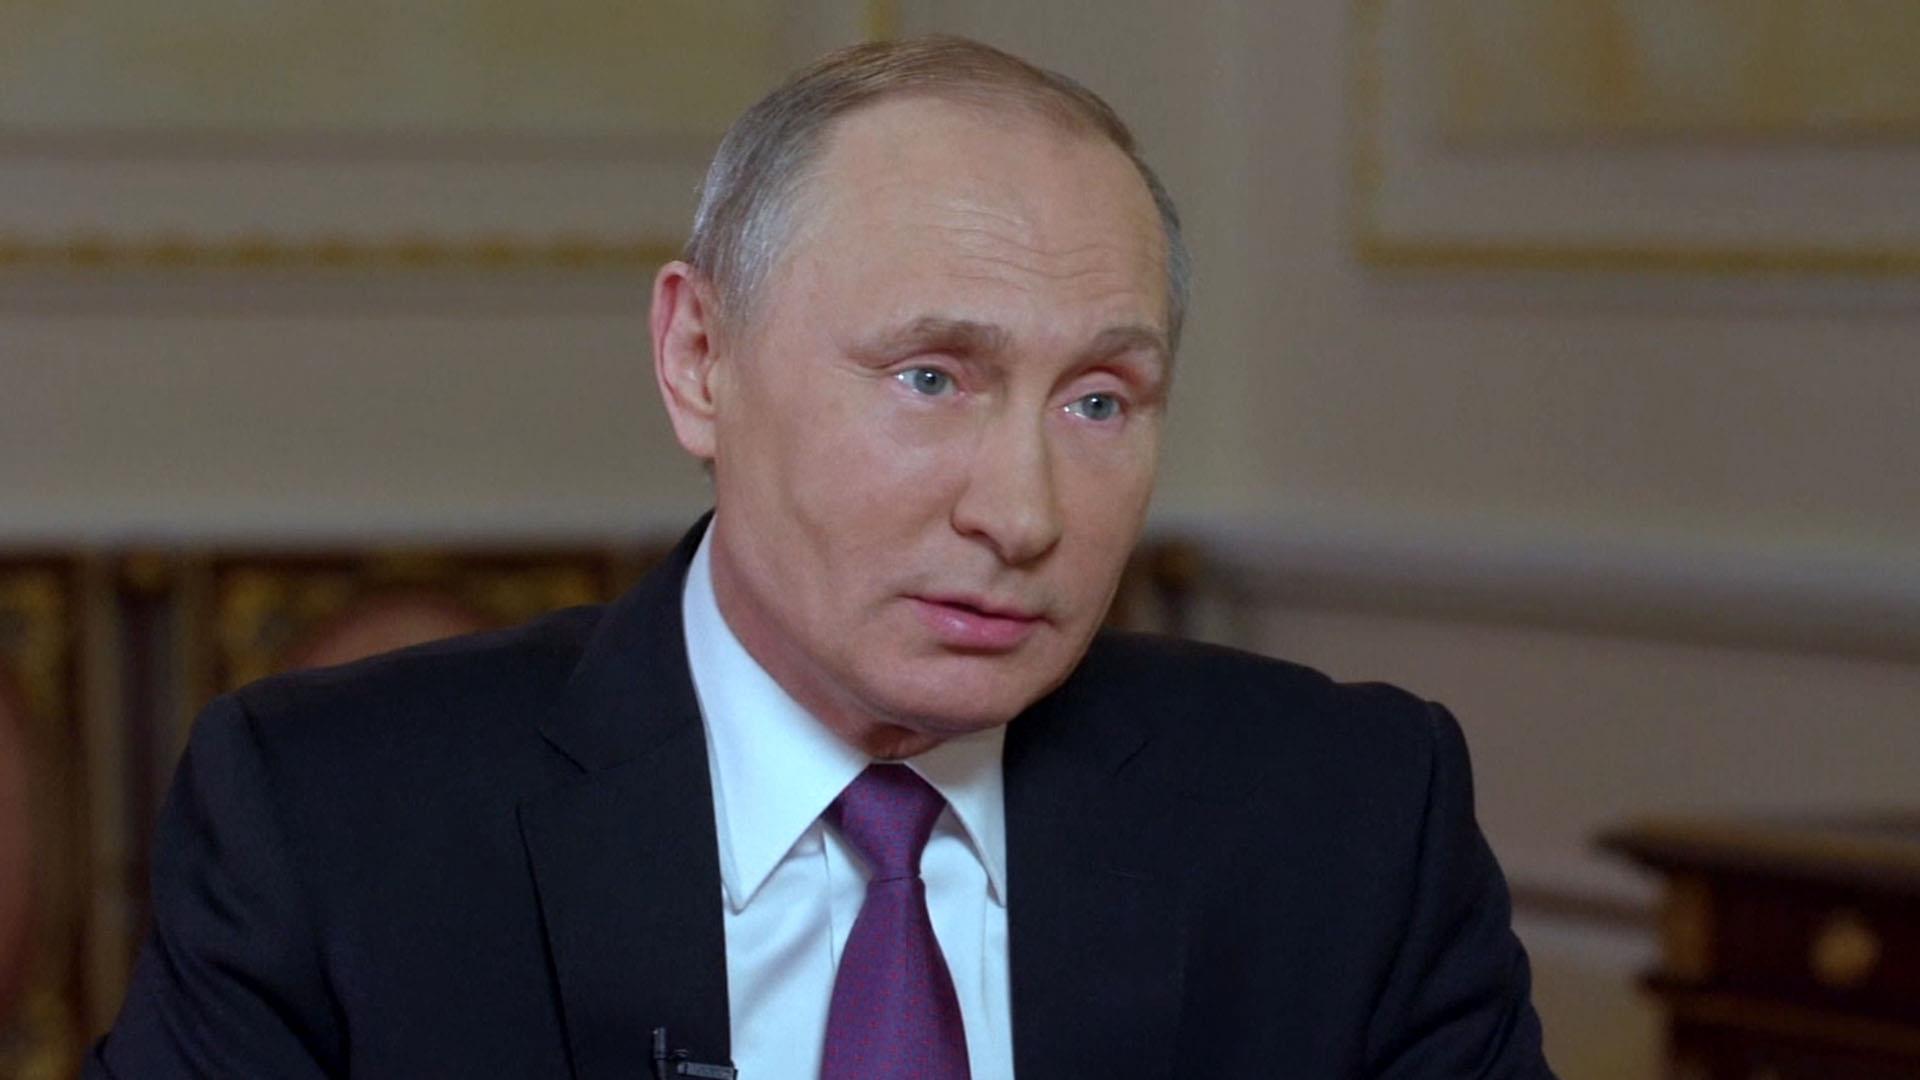 Putin says trust in U.S. has deteriorated under Trump